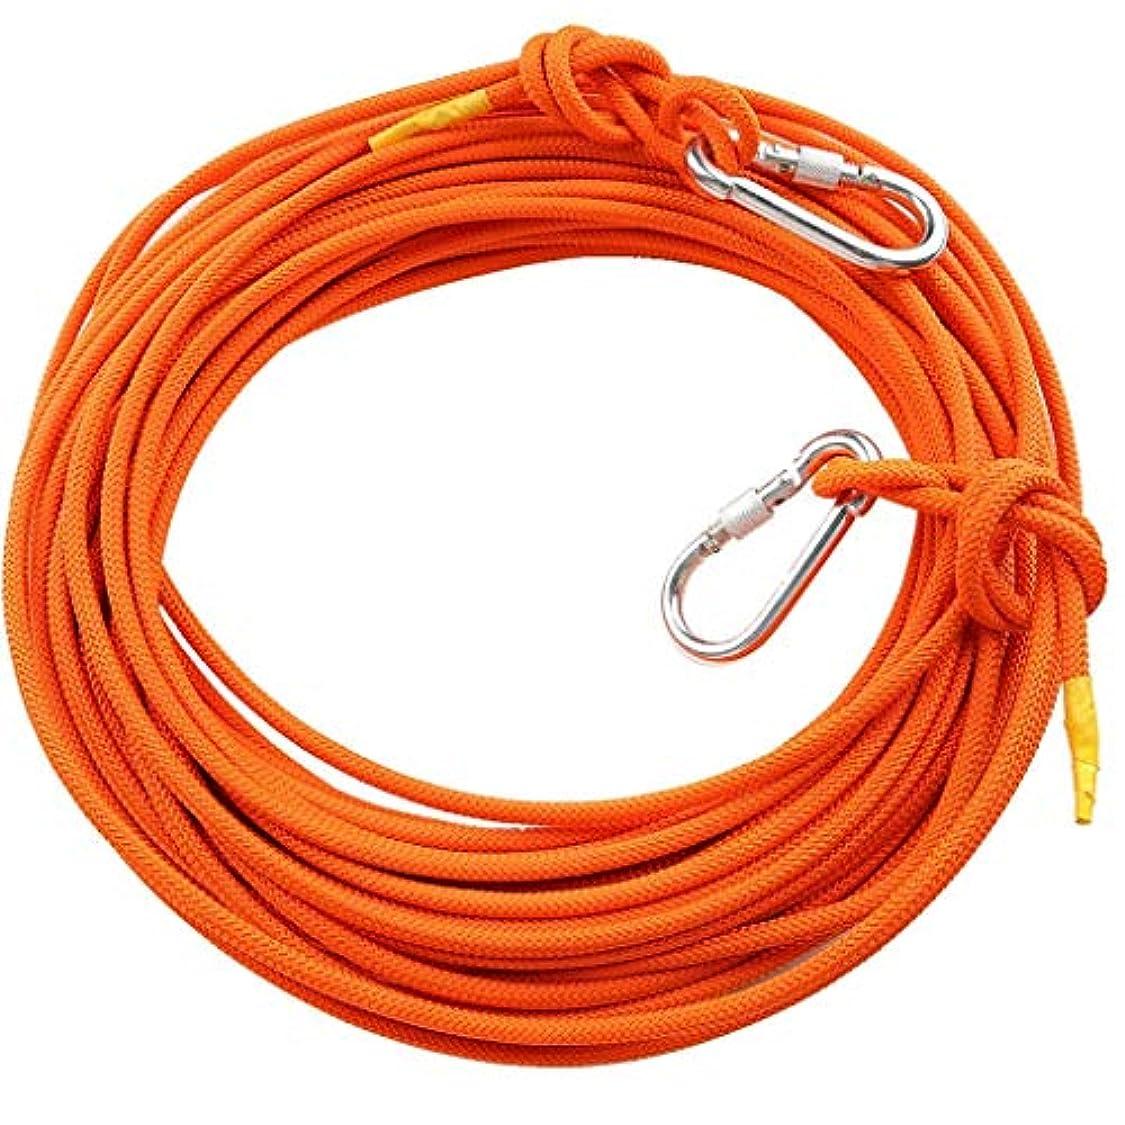 殺すメンダシティ粘着性ロープアウトドアクライミングロープ、8ミリメートルセーフティロープクライミングロープロープクライミングロープナイロンロープ脱出装置、100メートル/ 90メートル/ 80メートル/ 70メートル/ 60メートル/ 50メートル/ 40メートル/ 30メートル/ 20メートル/ 15メートル/ 10メートル(サイズ:8ミリメートル - 10メートル)